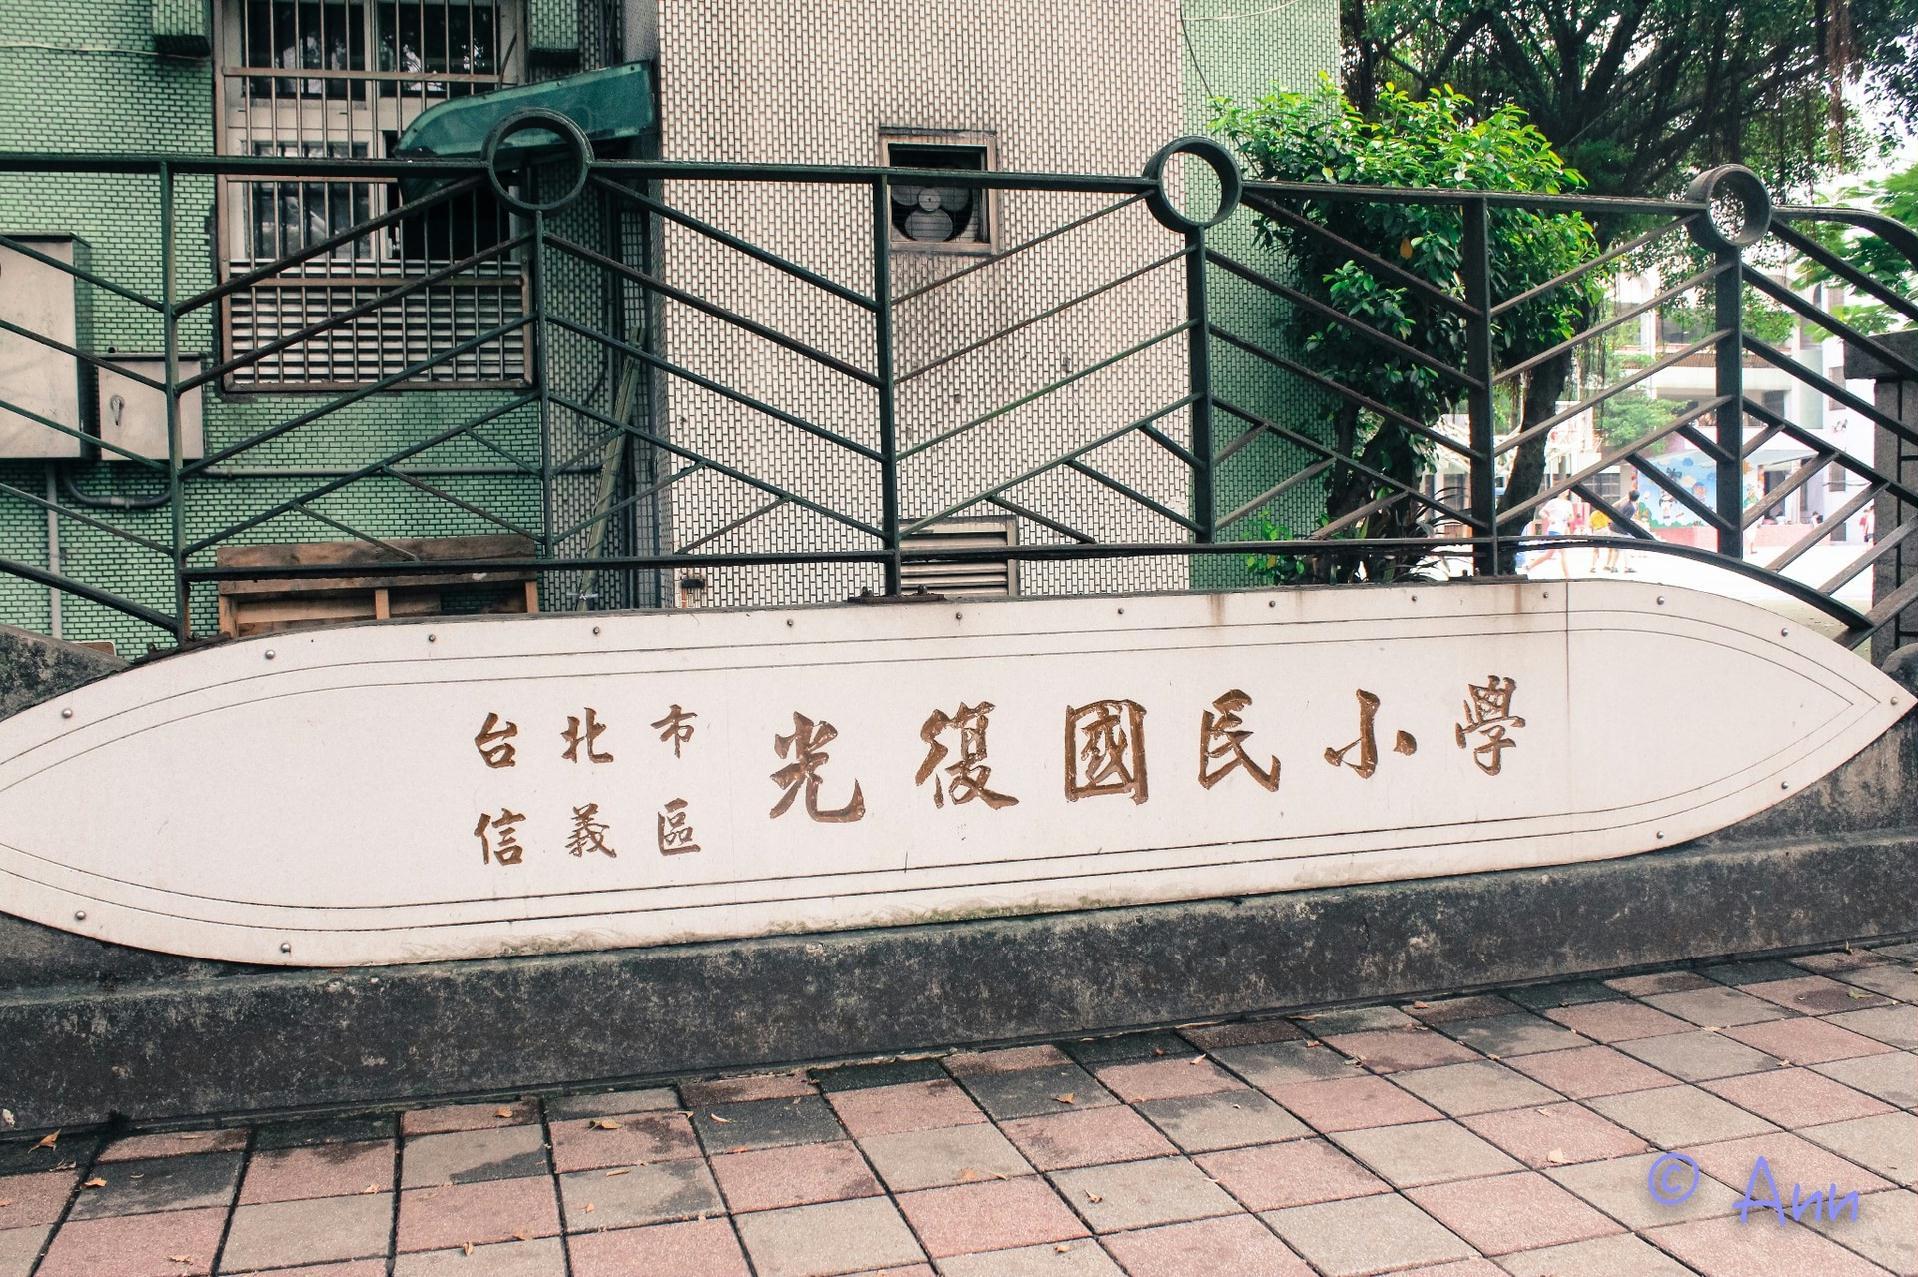 【疯狂游记2】台北市立美术馆-台湾当代·玩古喻今